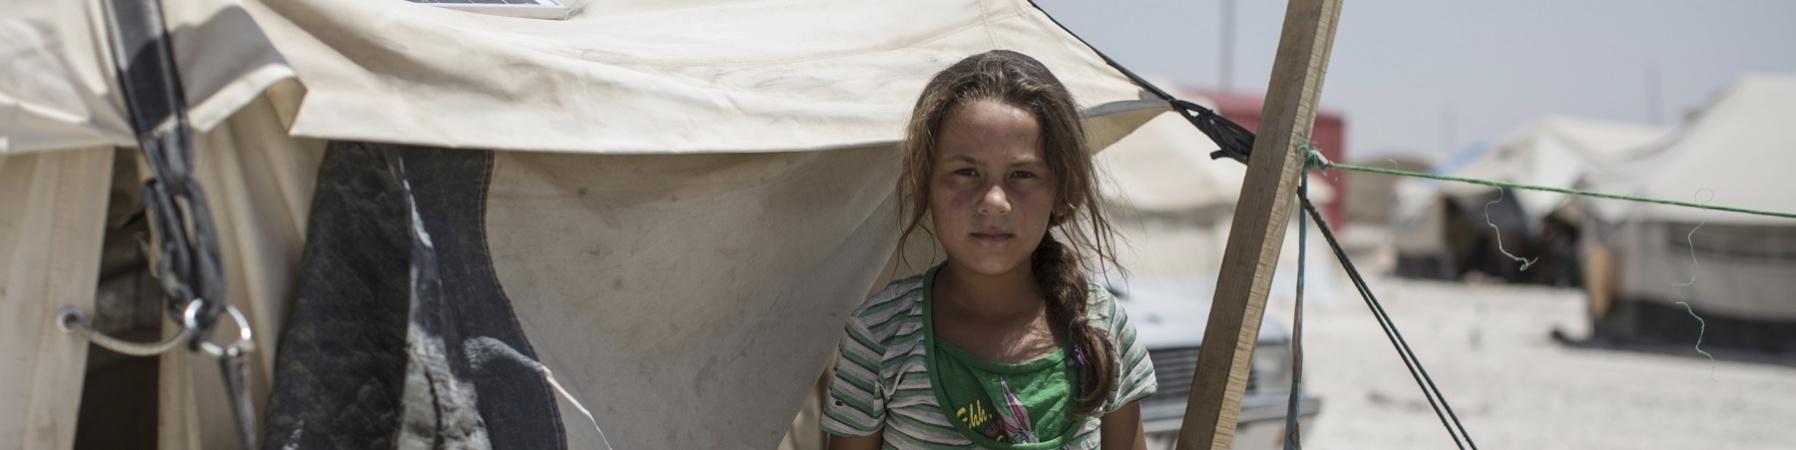 Bambina siriana bionda in un campo per sfollati